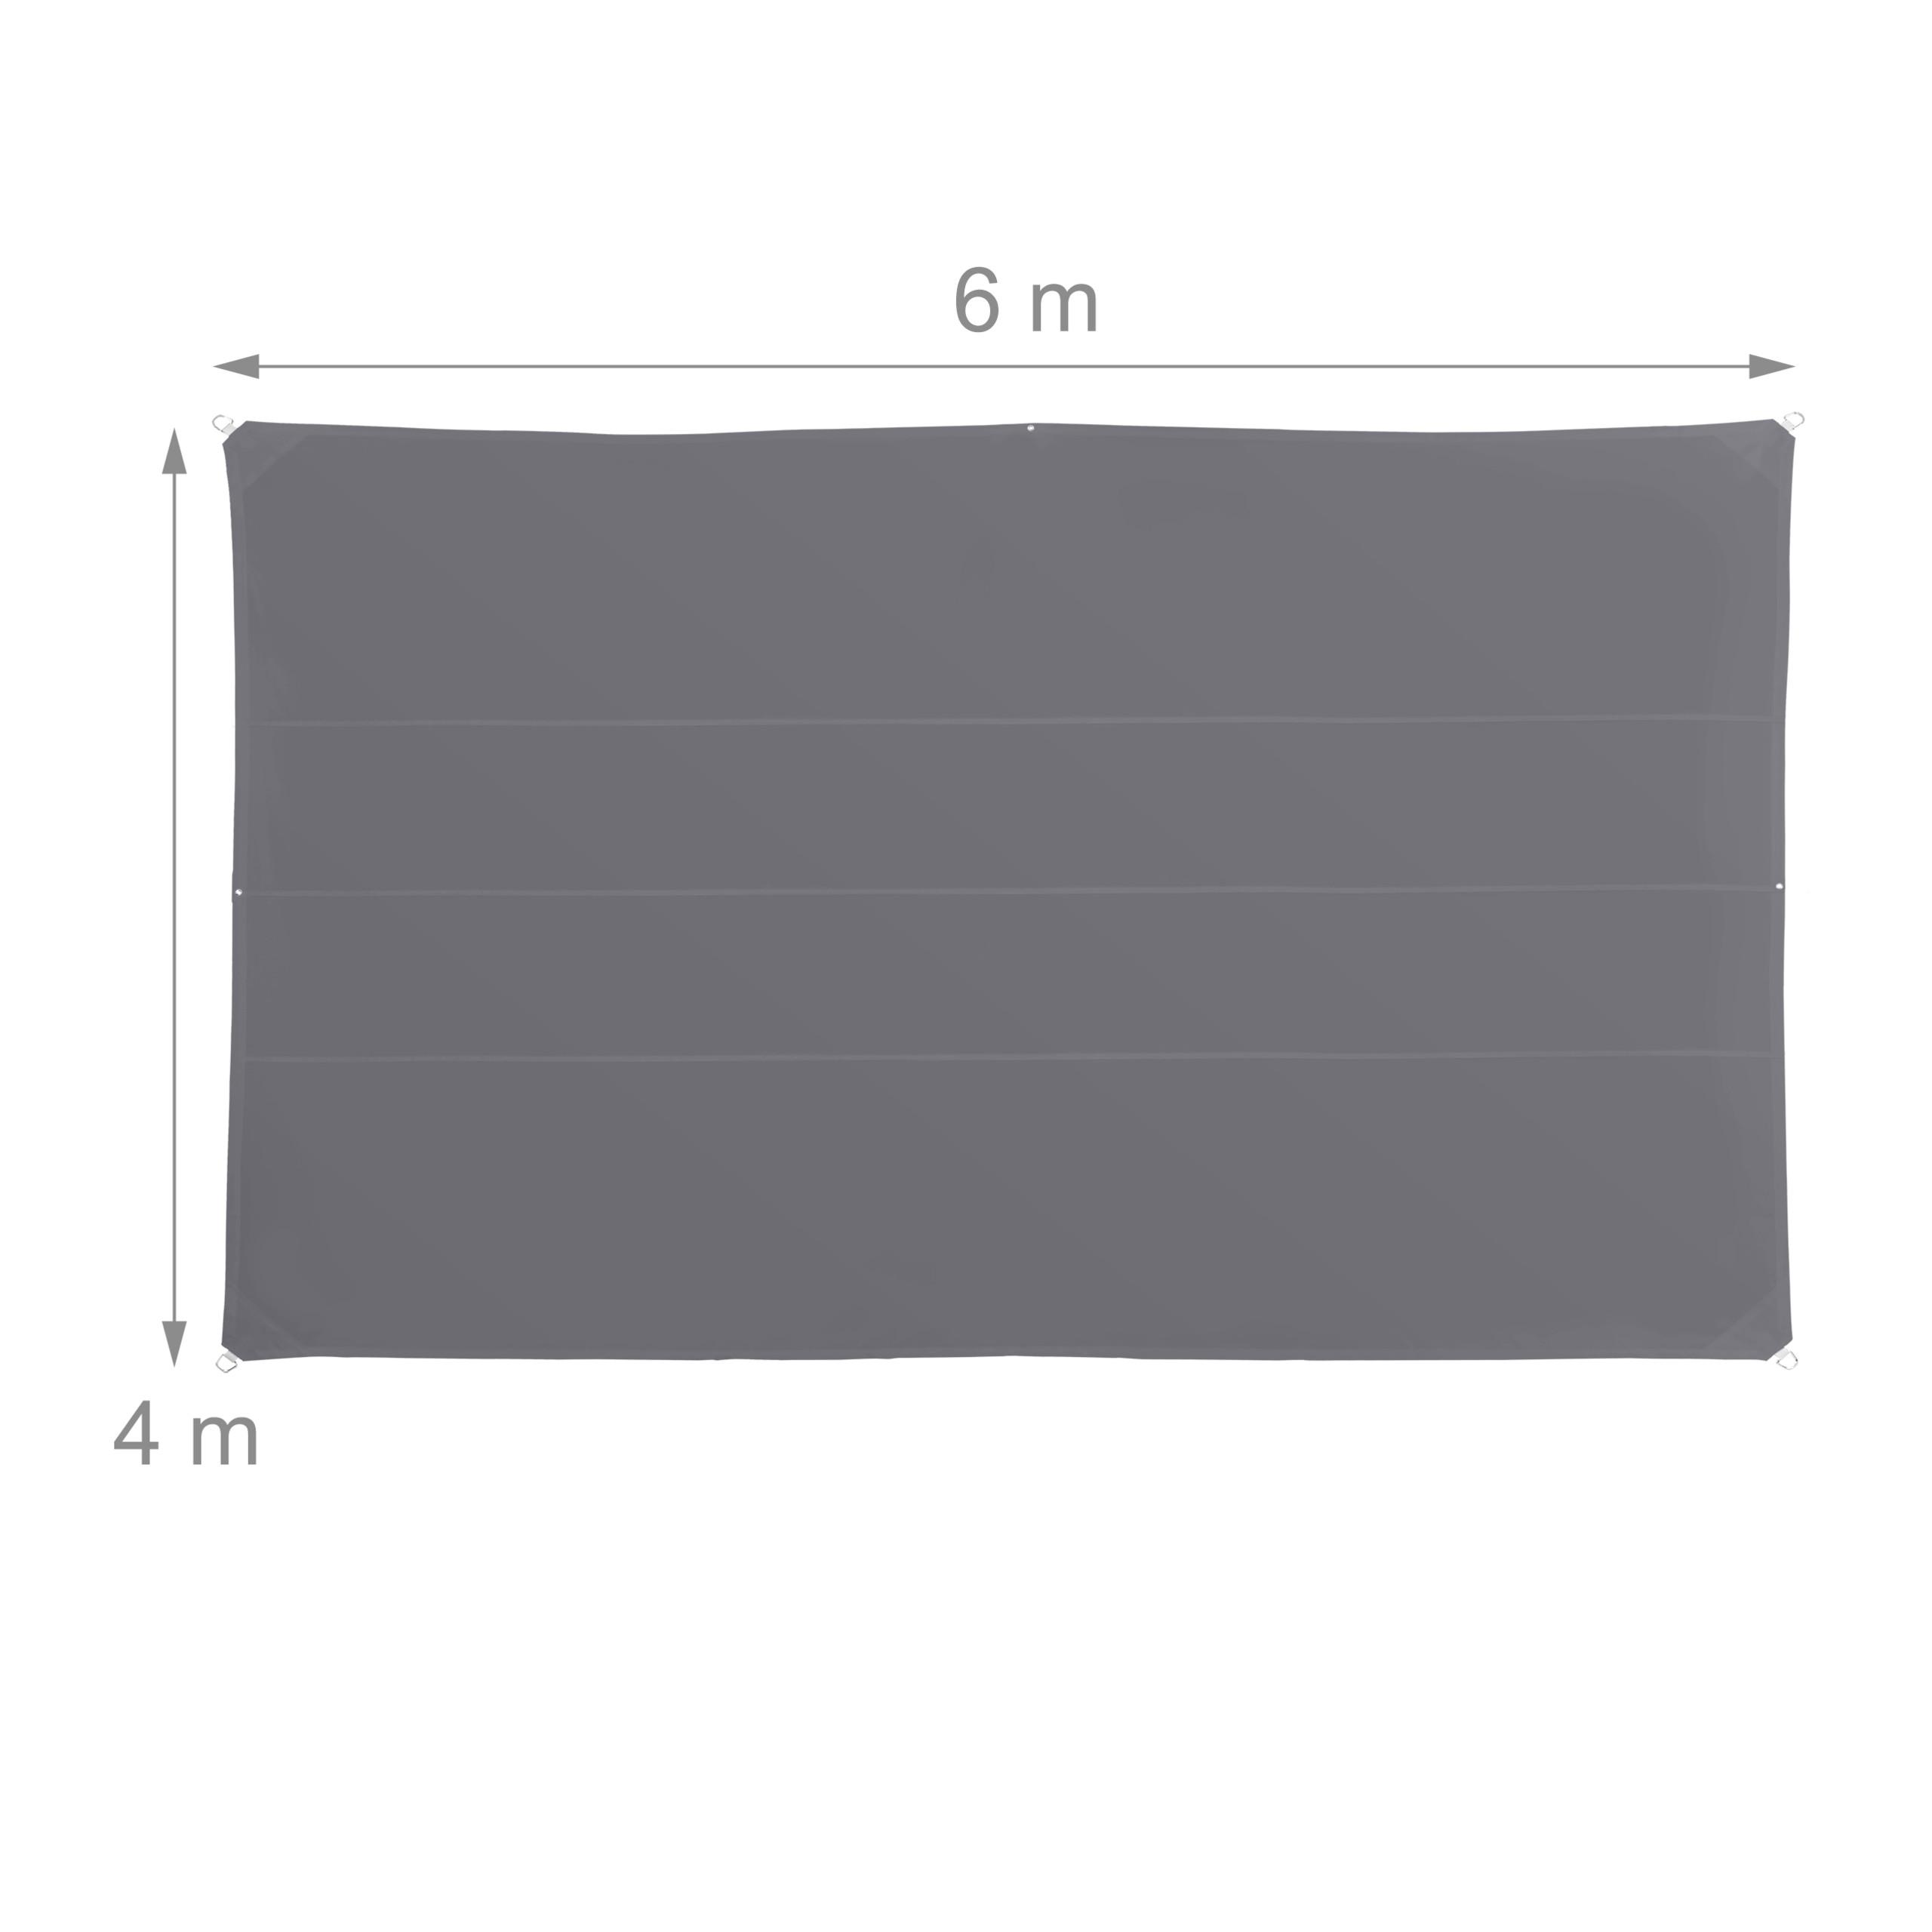 miniatura 38 - Tenda a vela rettangolare parasole ombreggiante idrorepellente anti UV grigia